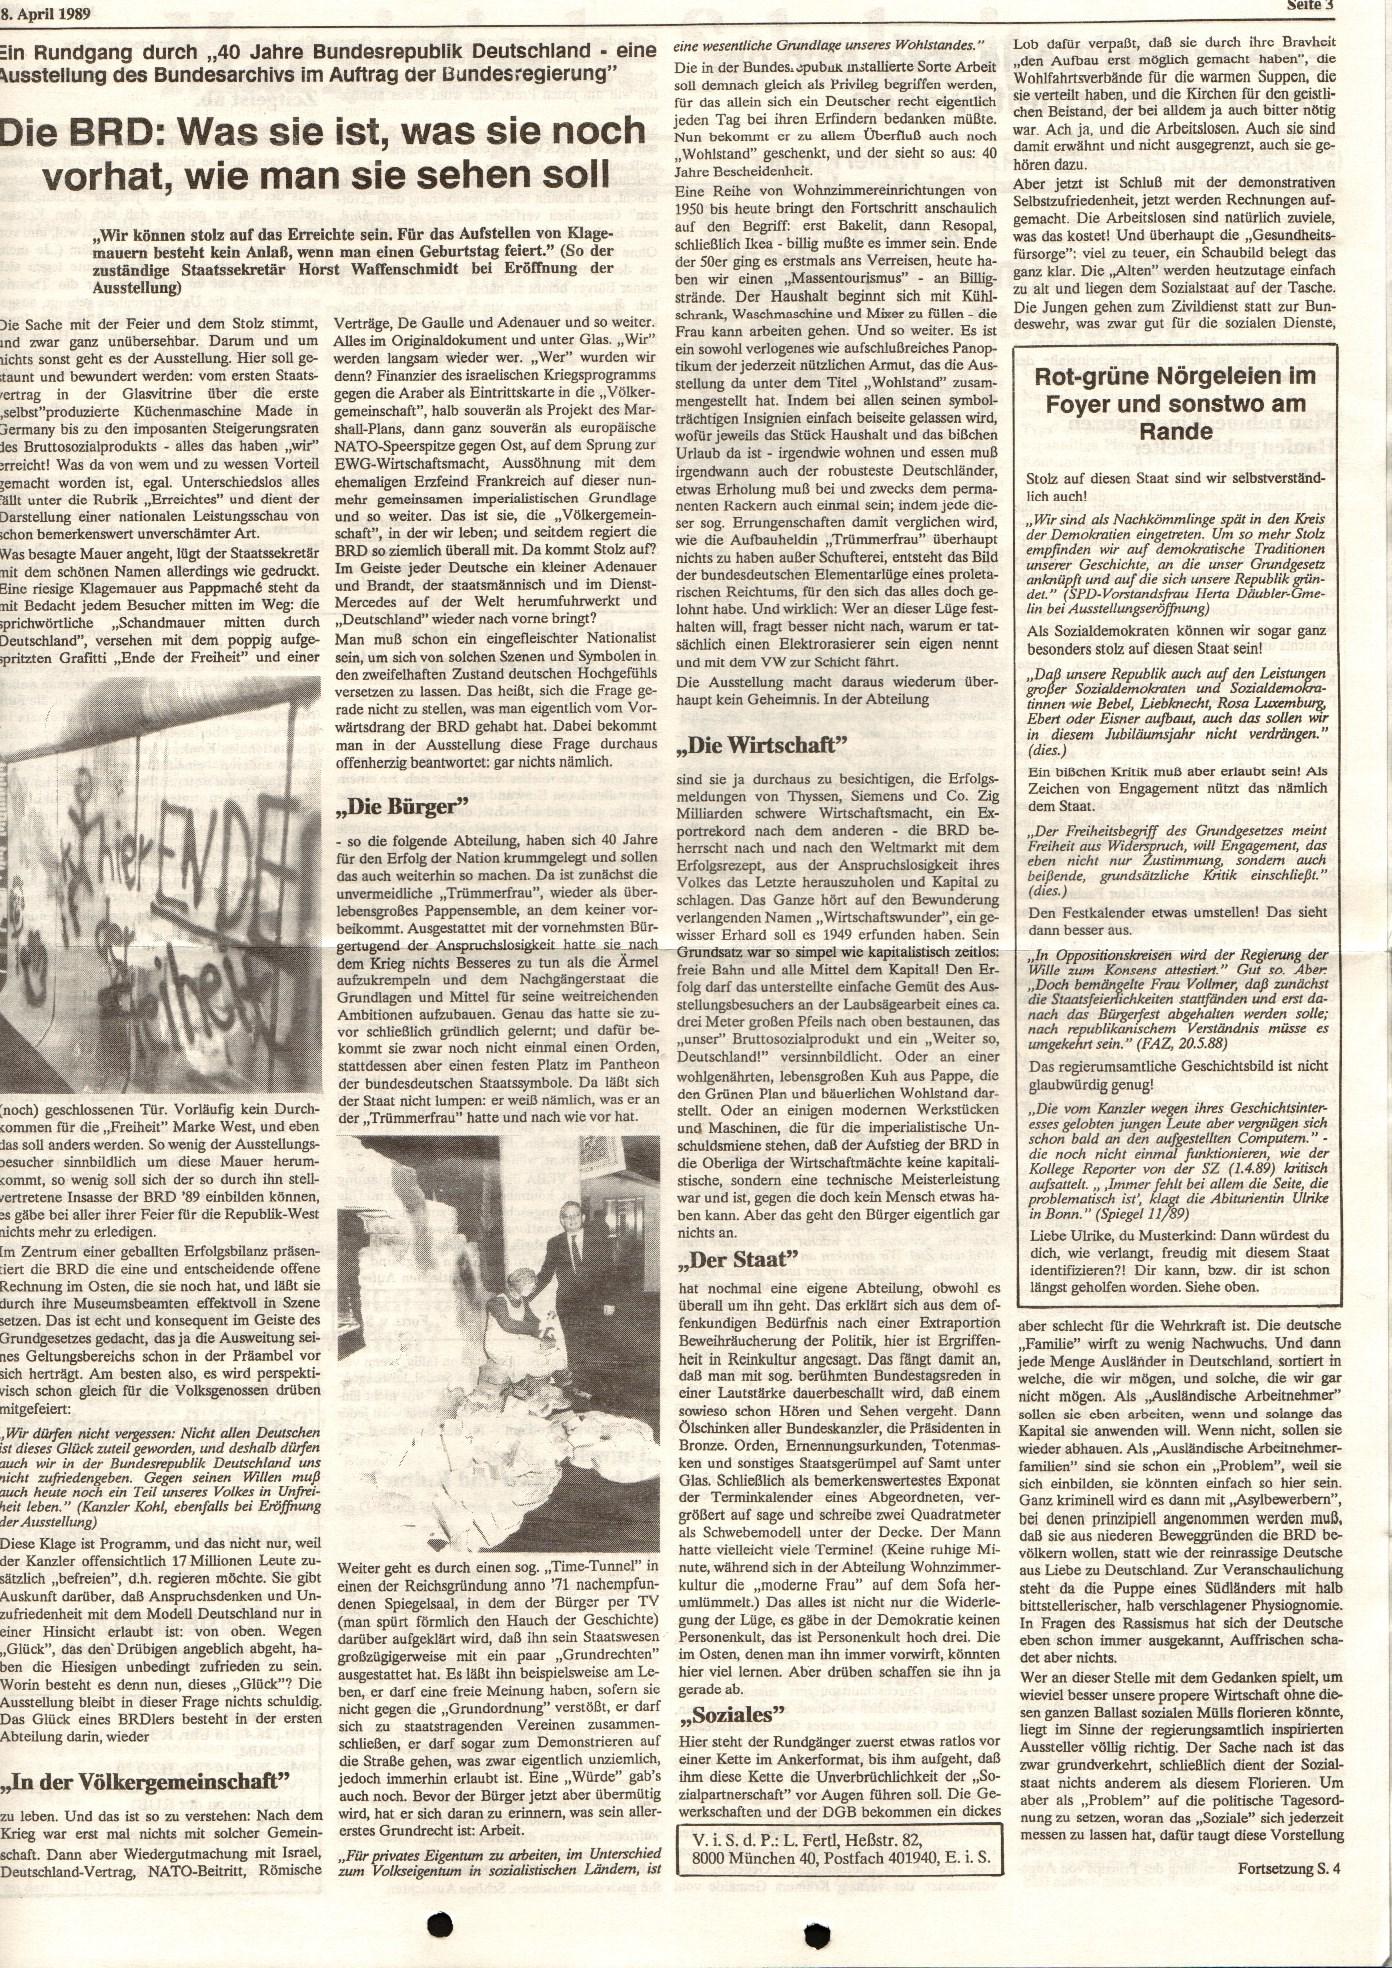 Ruhrgebiet_MG_Marxistische_Schulzeitung_19890418_03